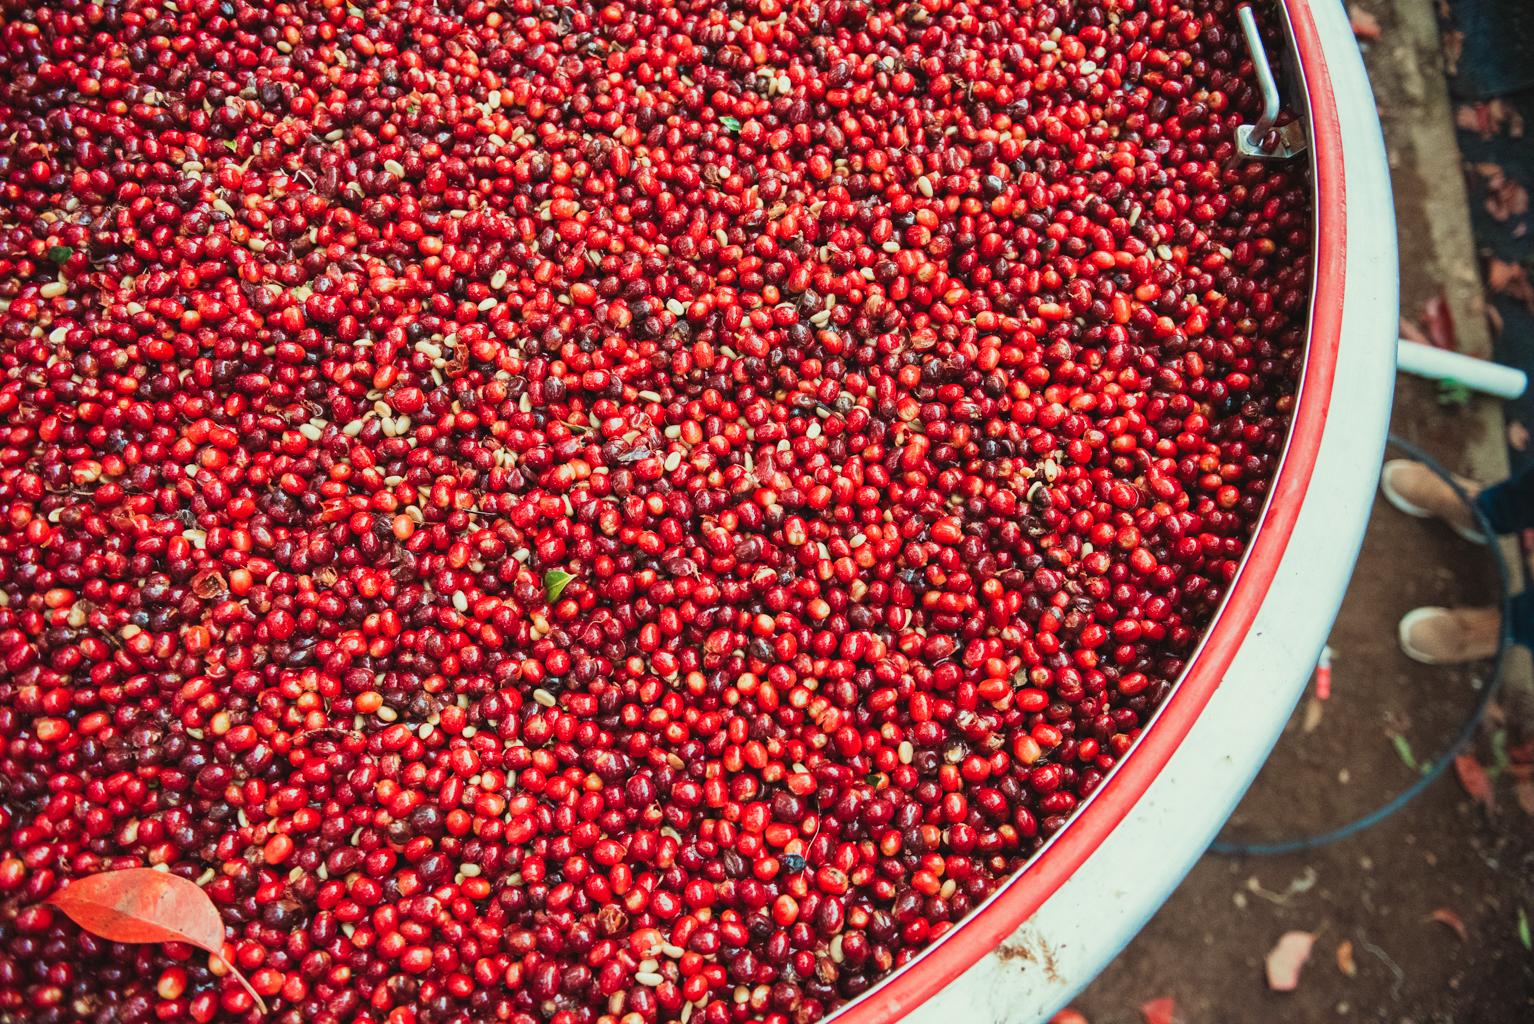 Kaffebærerne bliver først plukket når de er helt modne og har en dyb rød farve